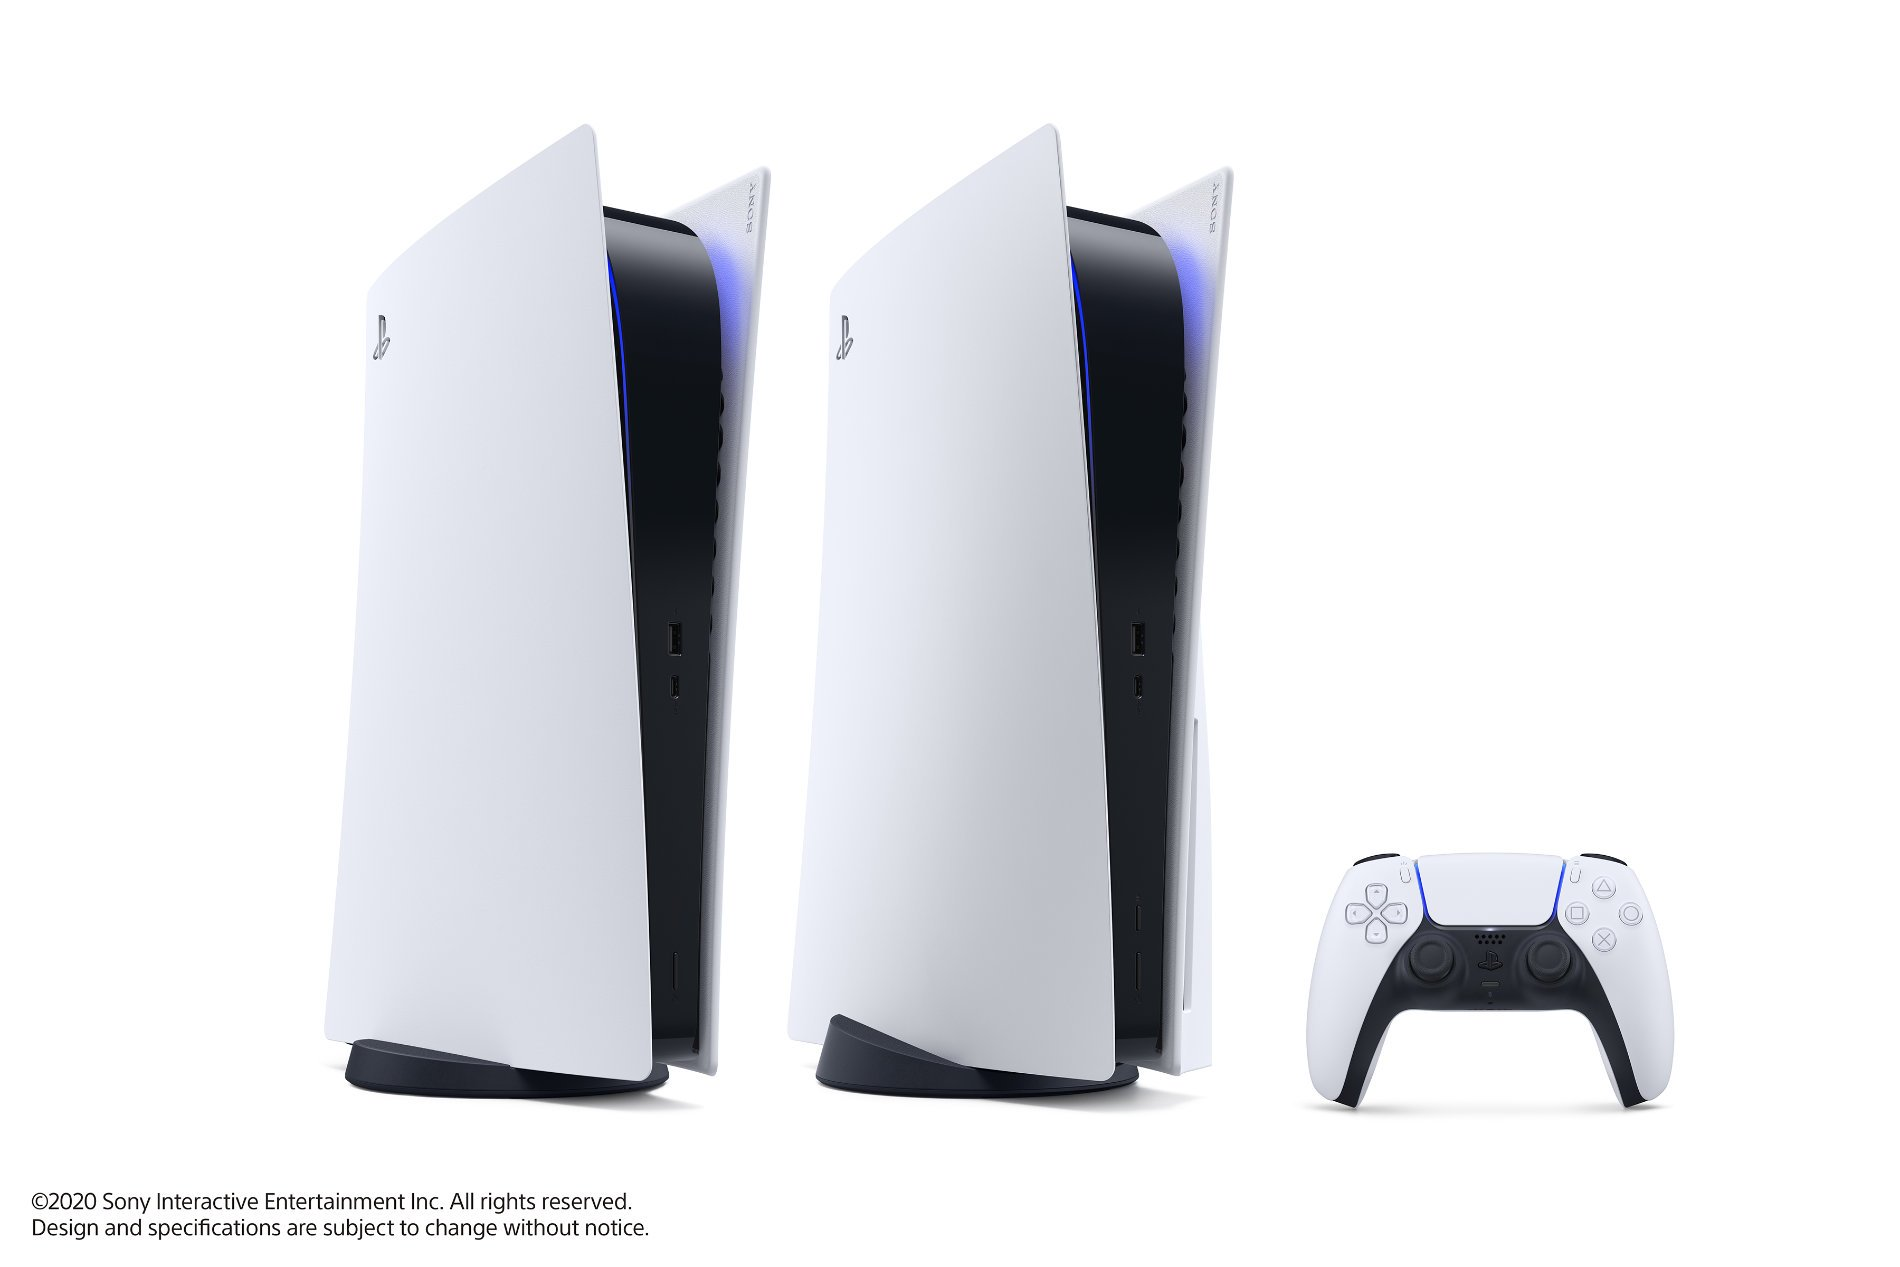 Prix de la PS5, annonces Apple, Google TV – L'essentiel de l'actu de la semaine